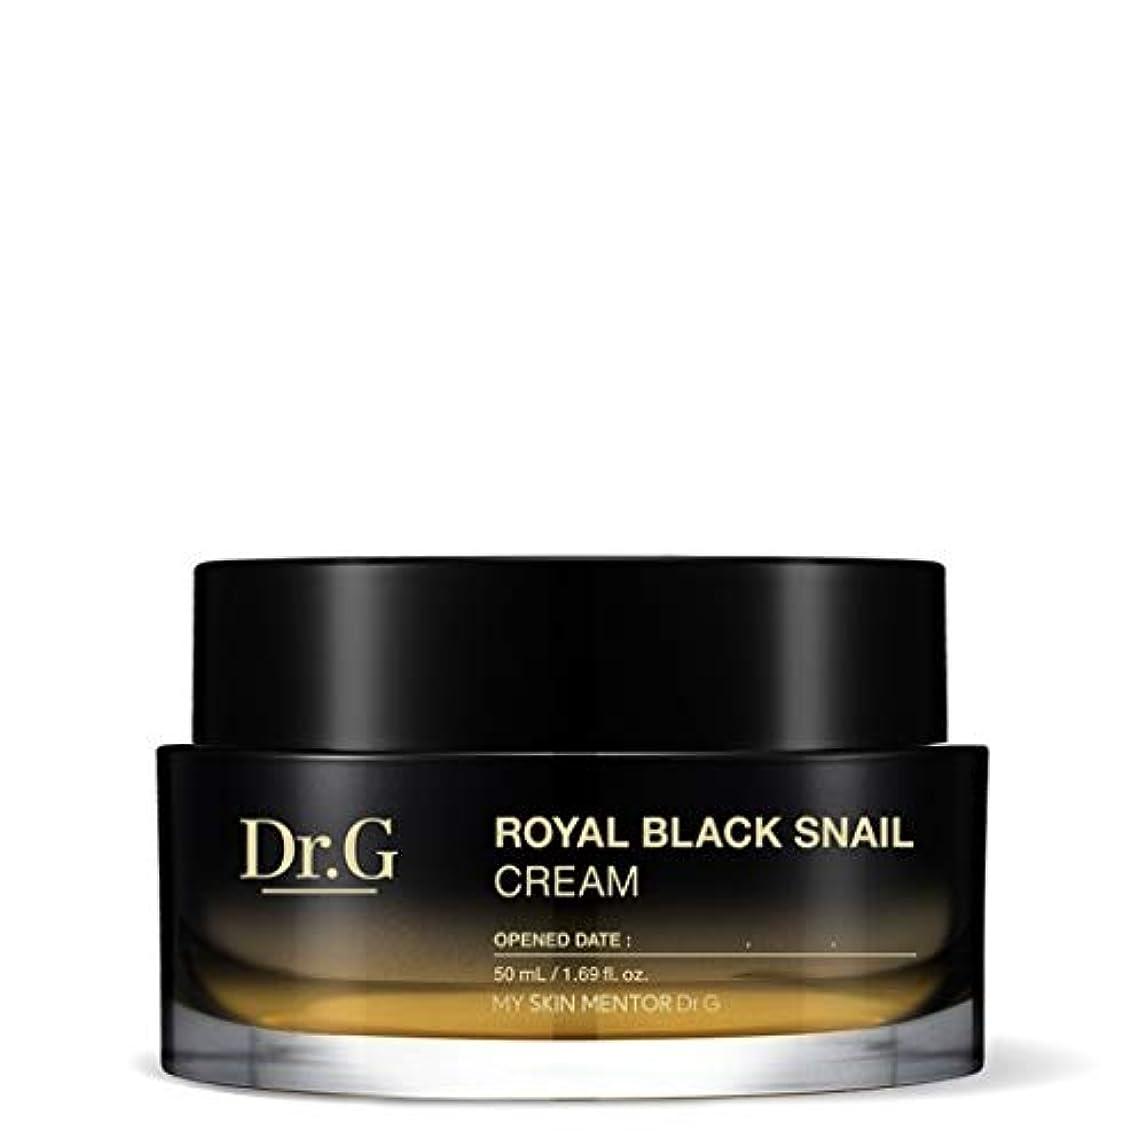 落花生優しい抵抗力がある[Dr.Gドクタージー] ロイヤルブラックスネイルクリーム 50ml / Royal Black Snail Cream